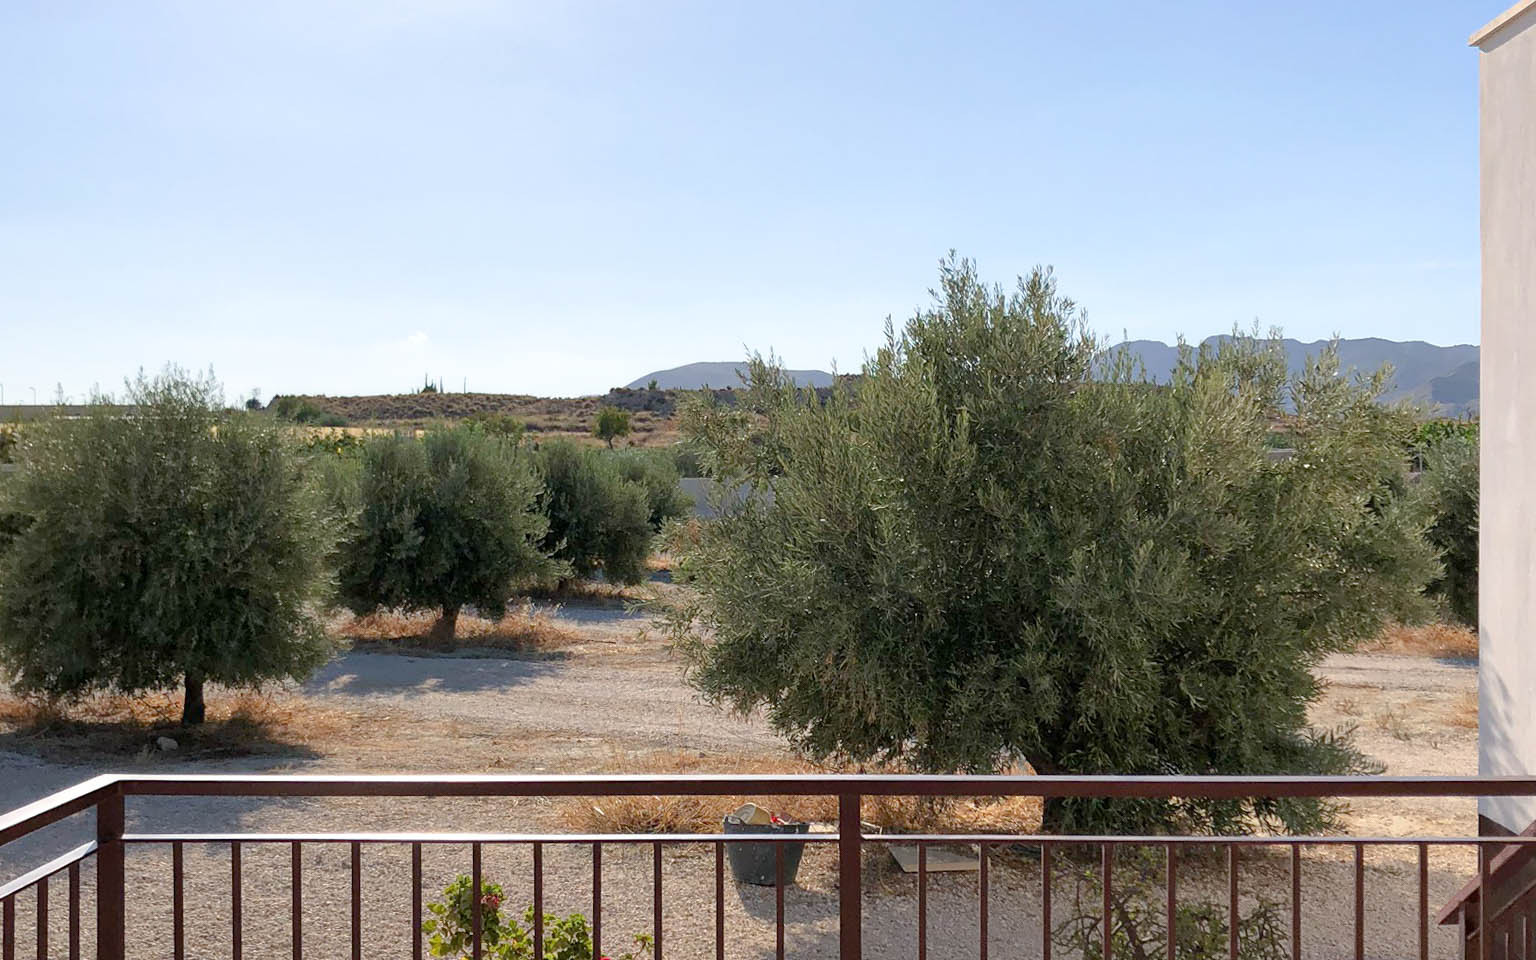 Vivienda en Mahoya. Casa entre olivos en Abanilla. Olivar